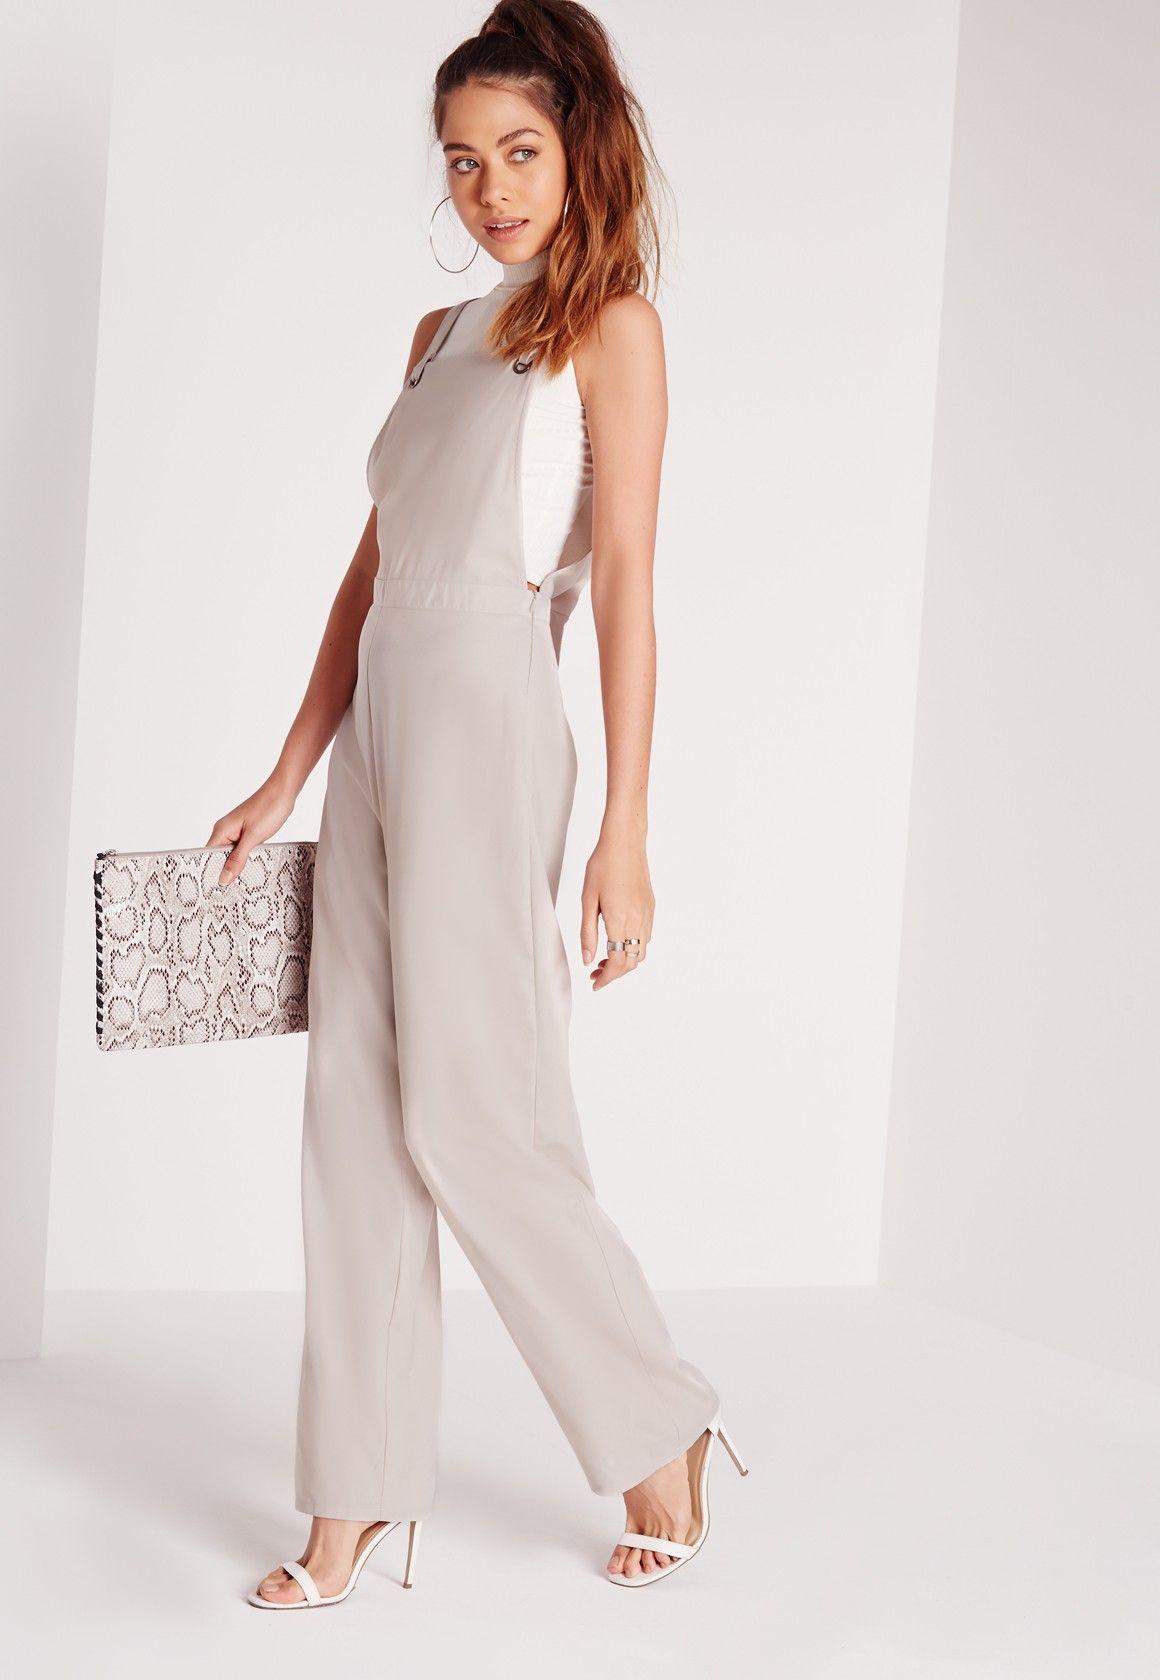 Eyelet wedding dress  Missguided  Eyelet Dungaree Style Jumpsuit Grey  Wedding dresses